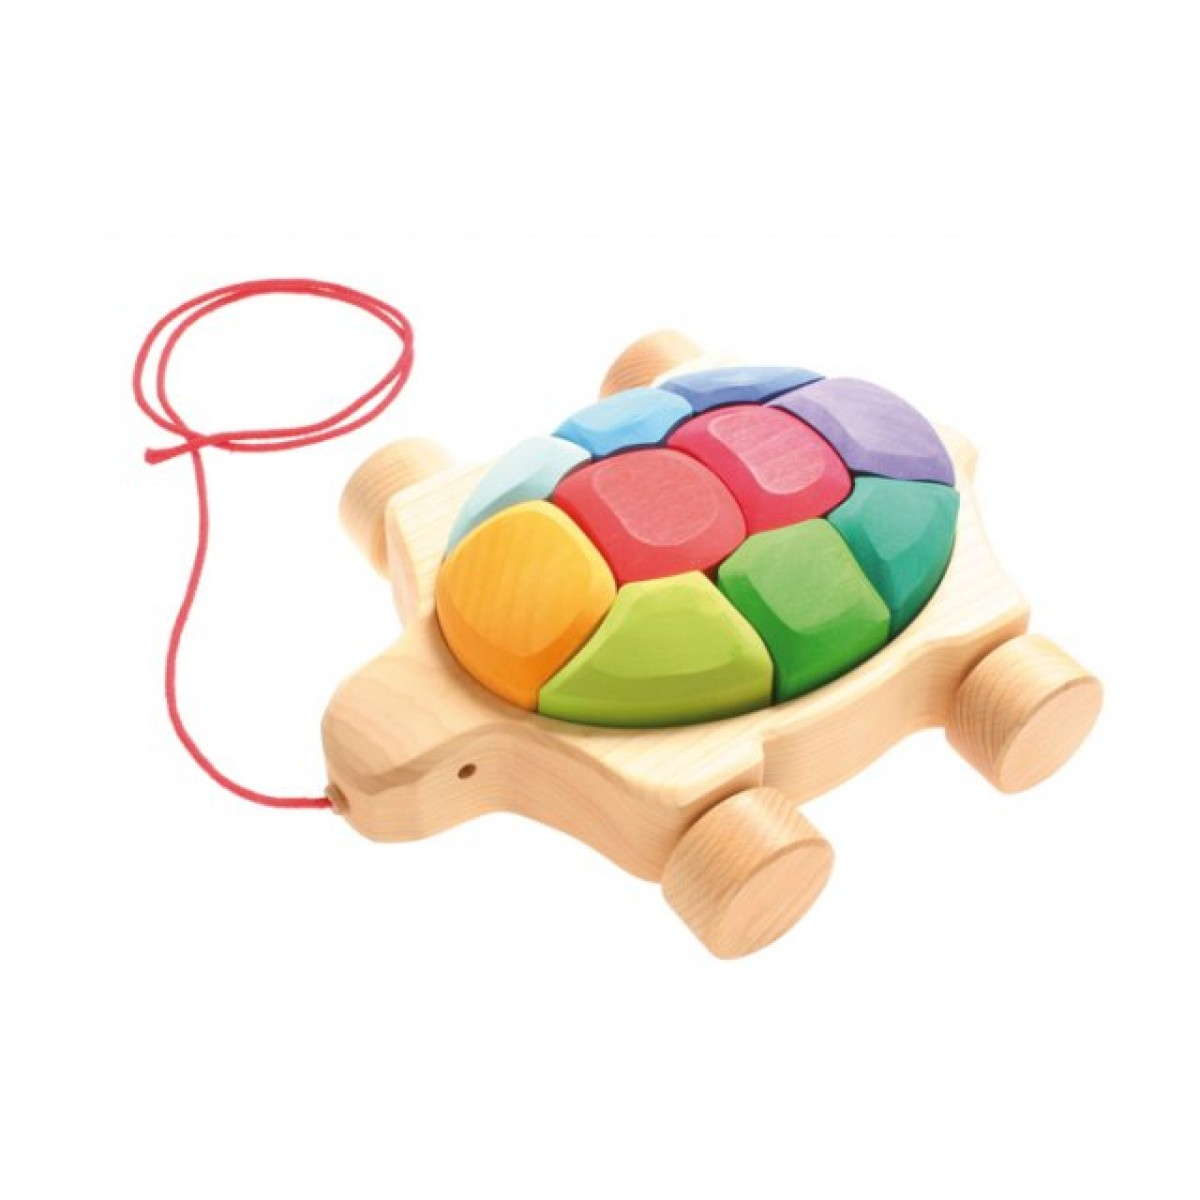 Nachziehtier regenbogen schildkr te von grimm s for Holzspielzeug profi